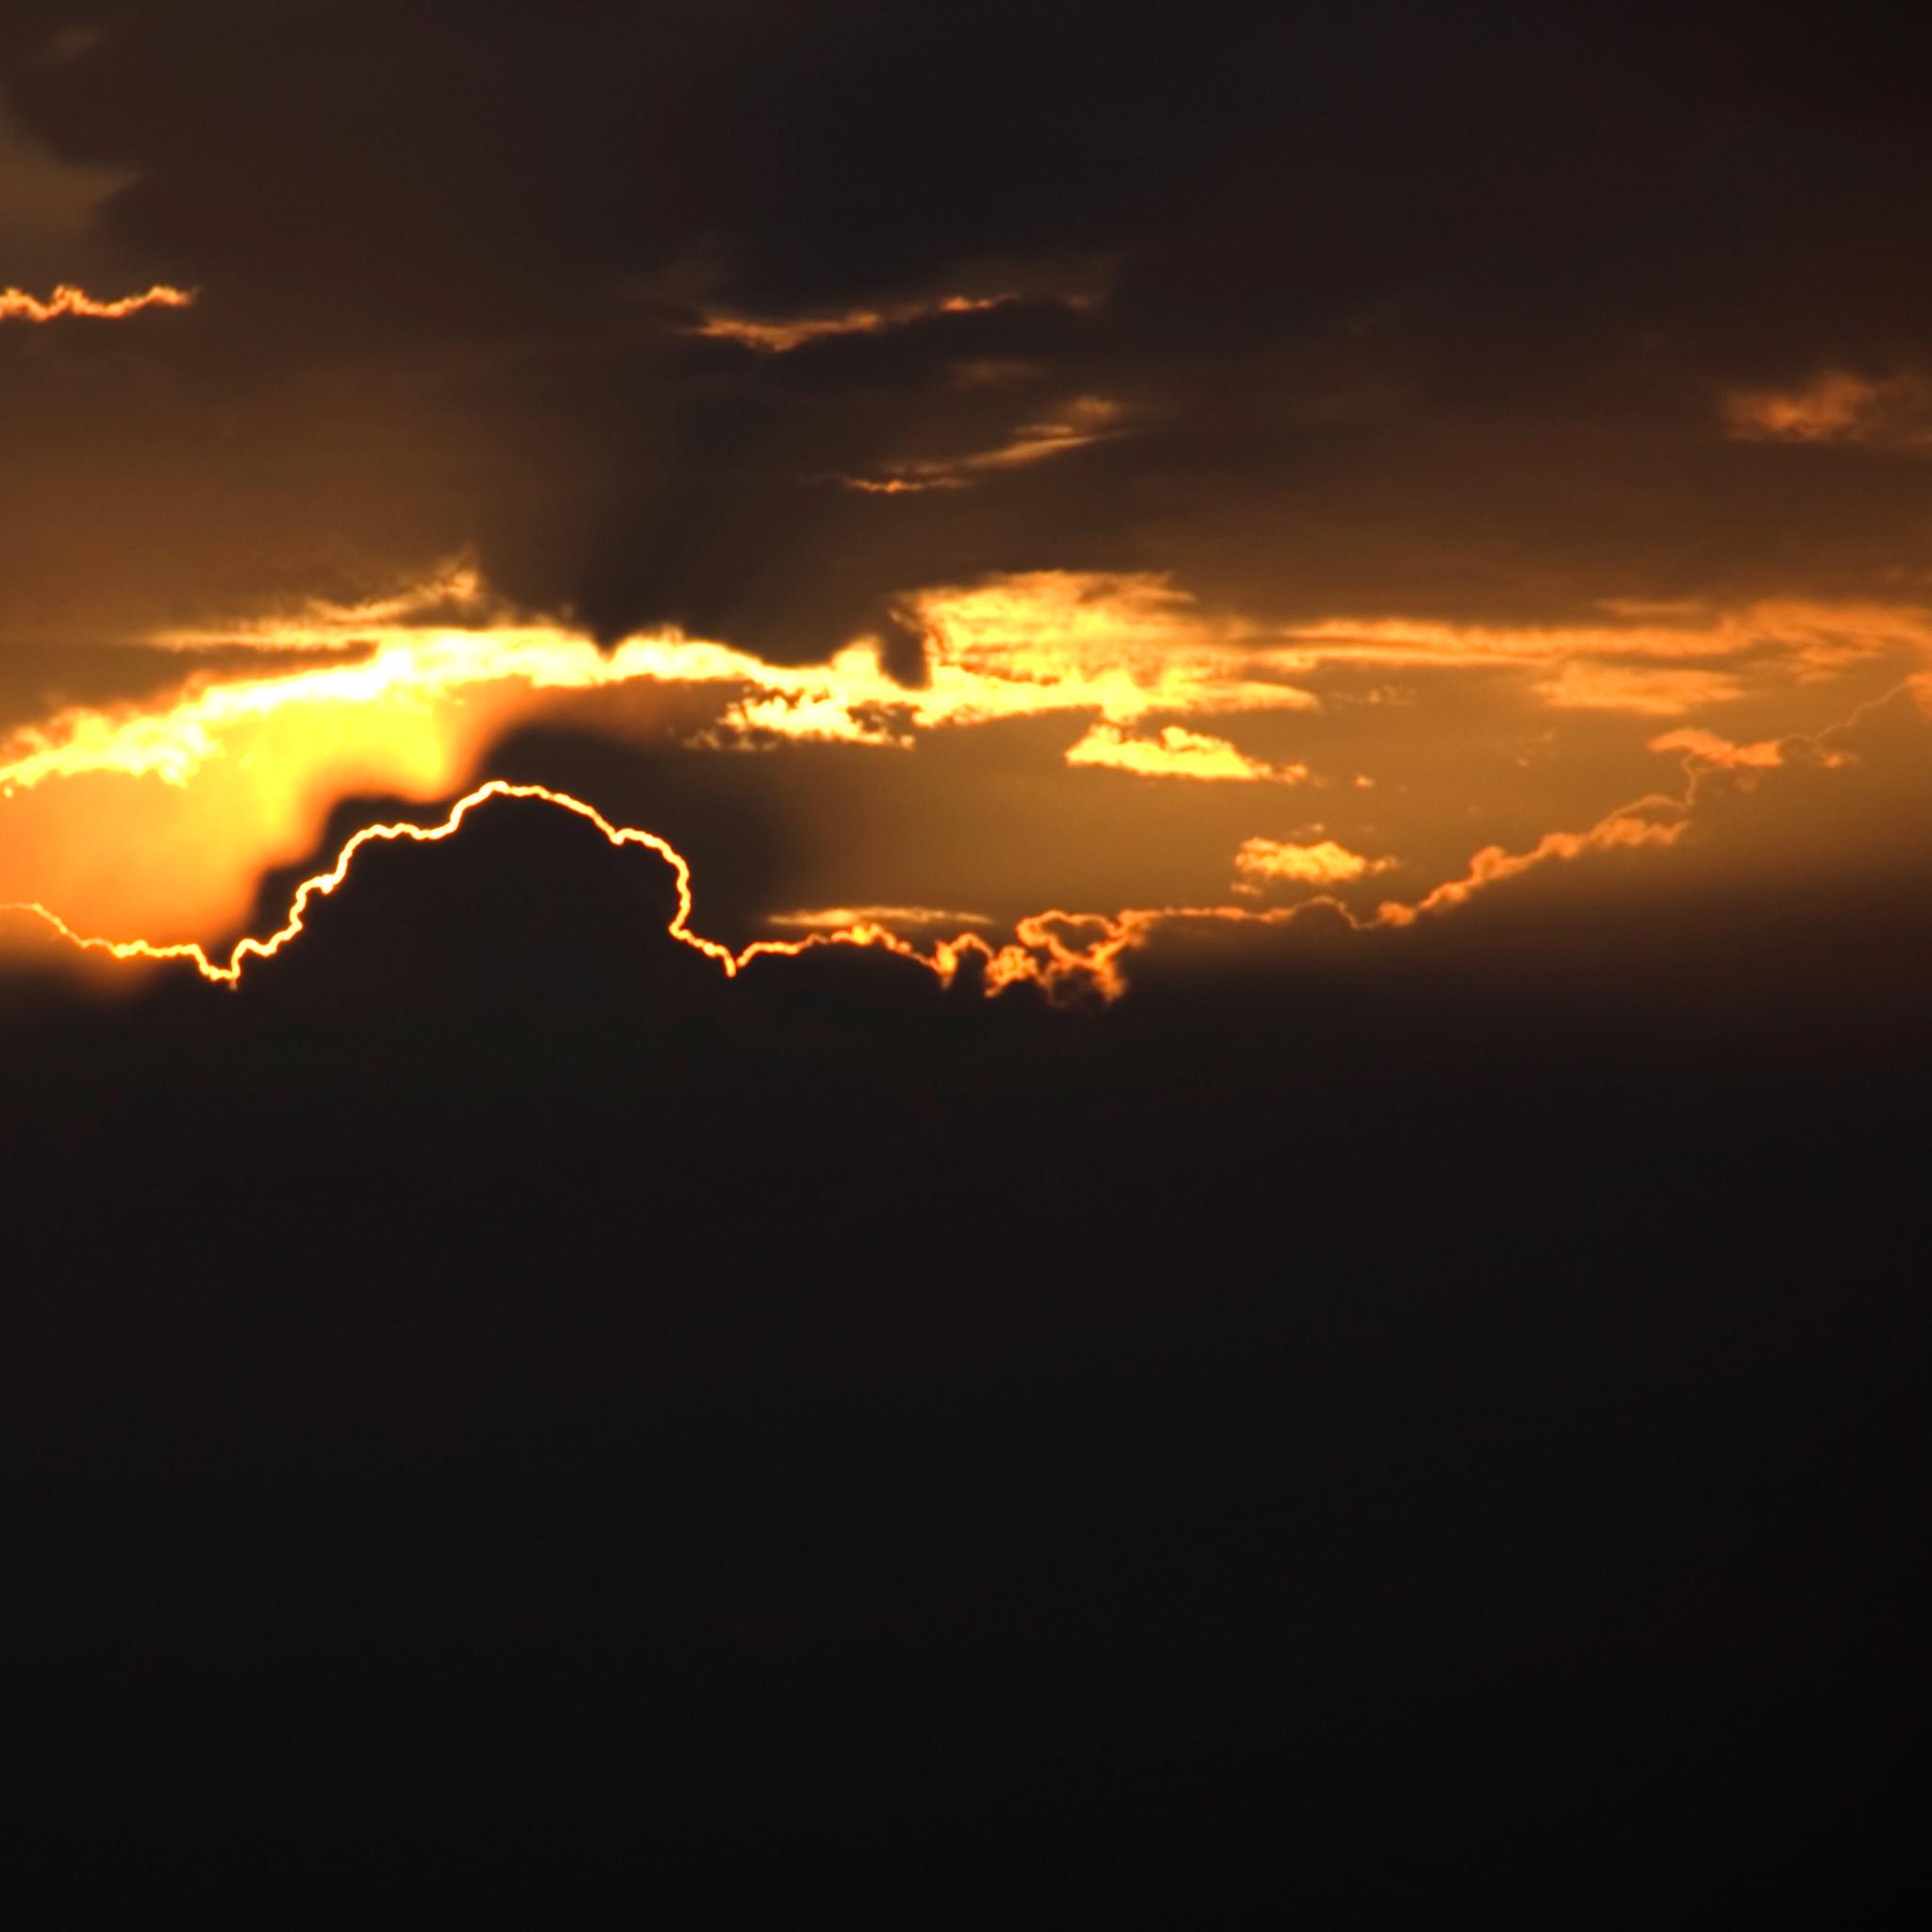 Sunset Cloud 3Wallpapers iPad Sunset Cloud   iPad